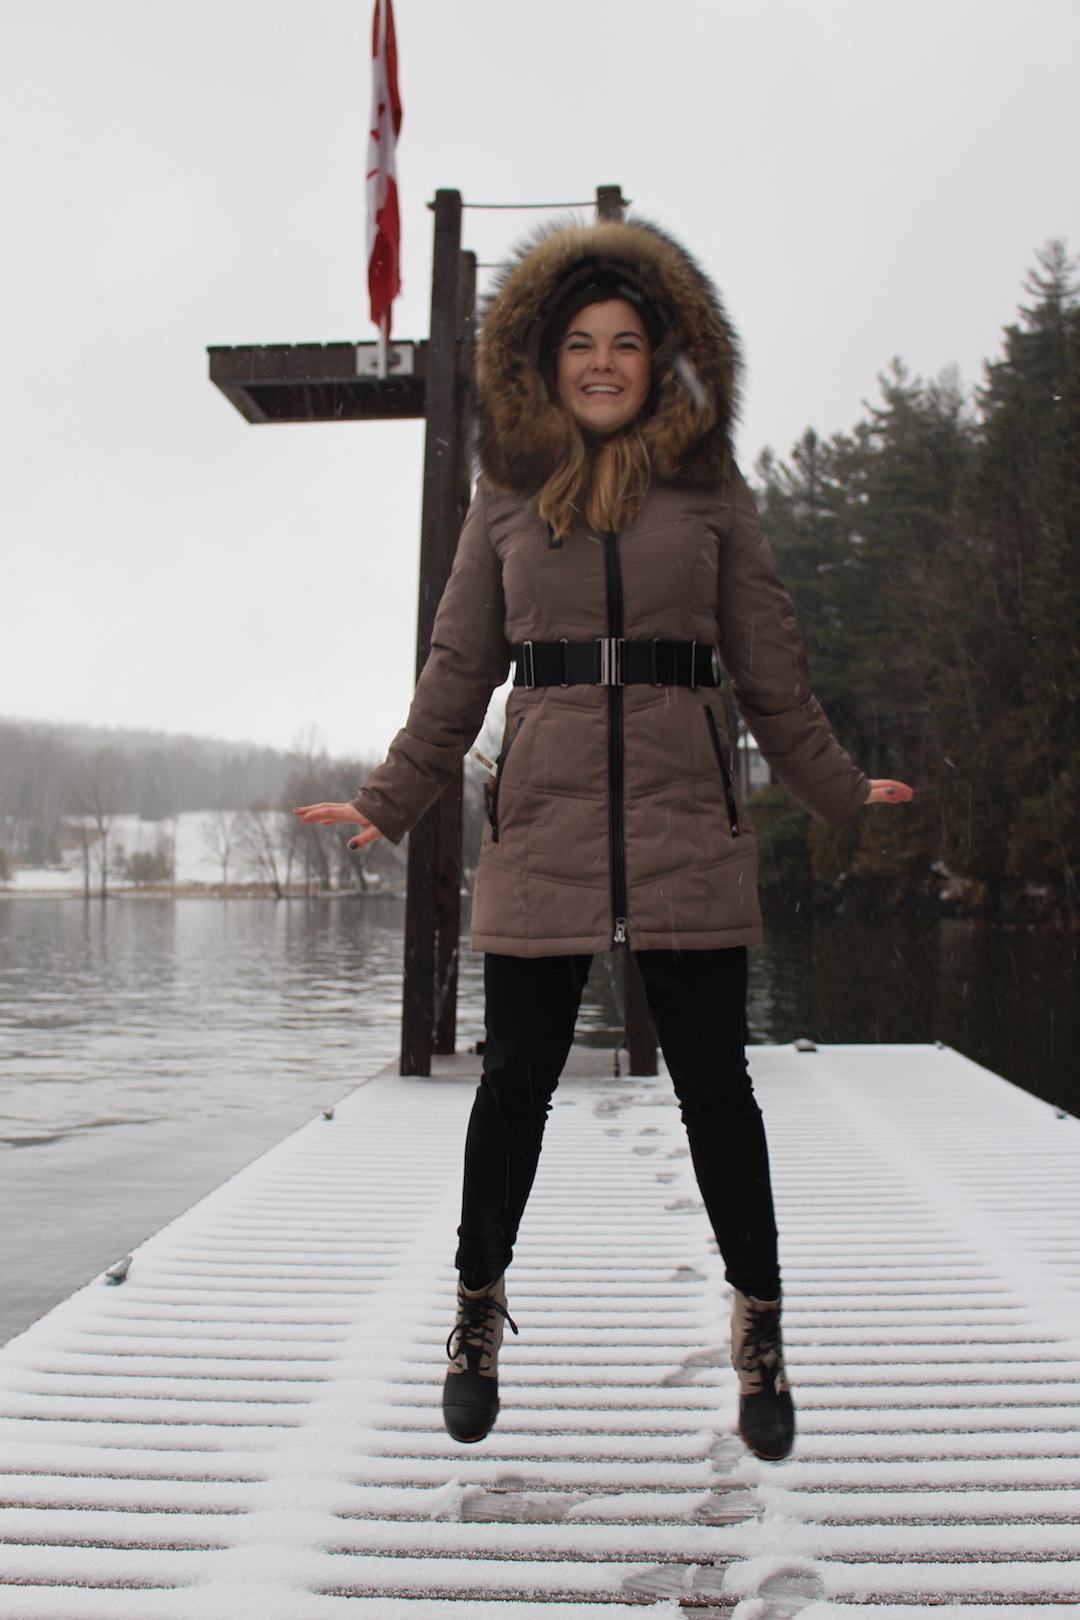 québécois manteau un à survivre et choisir trucs l'hiver pour 5 wqgxIFzAt